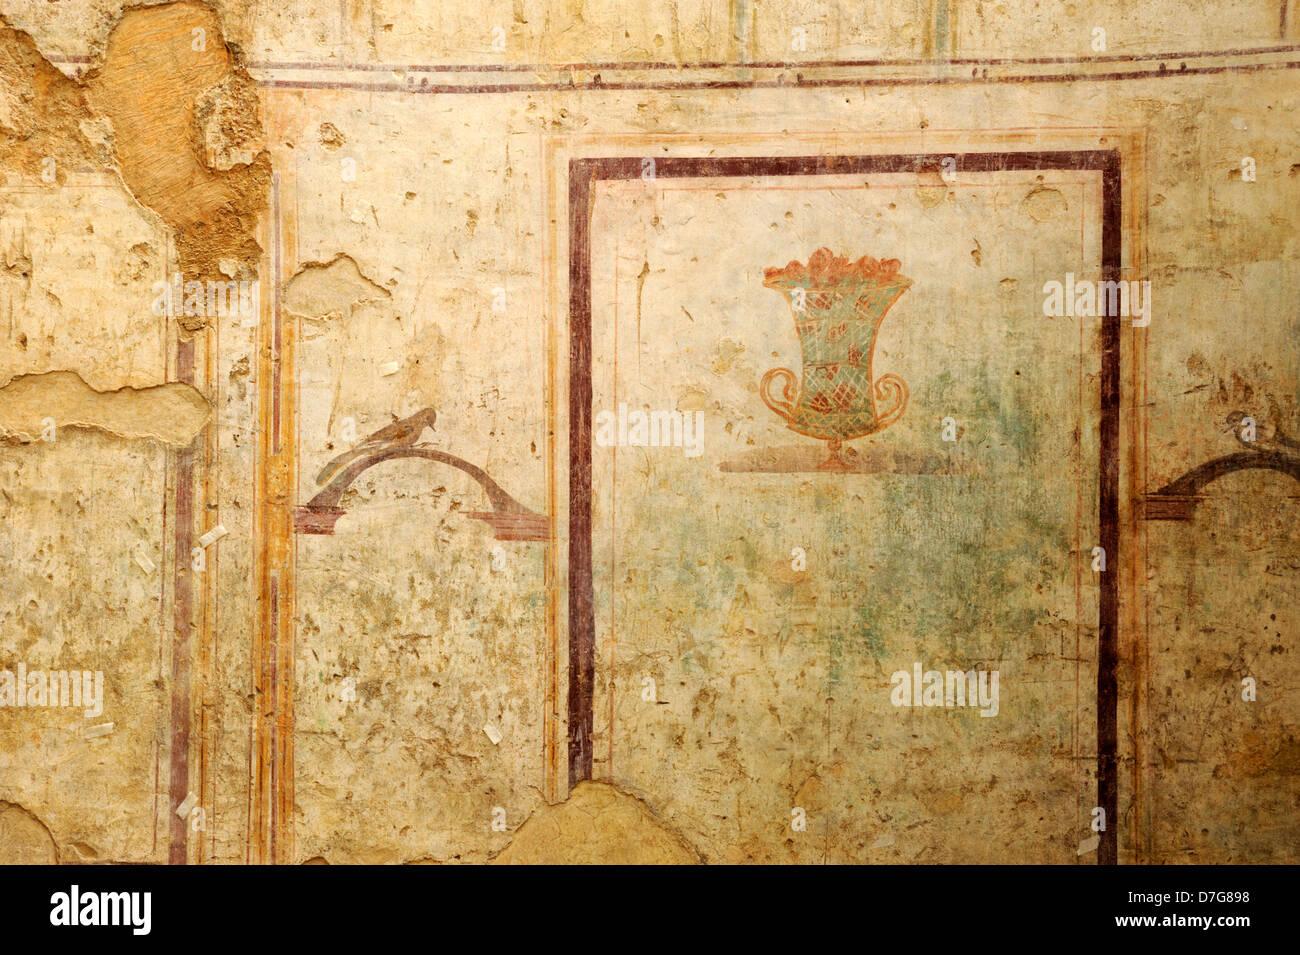 Exelent Roman Wall Decor Images - Wall Art Ideas - dochista.info